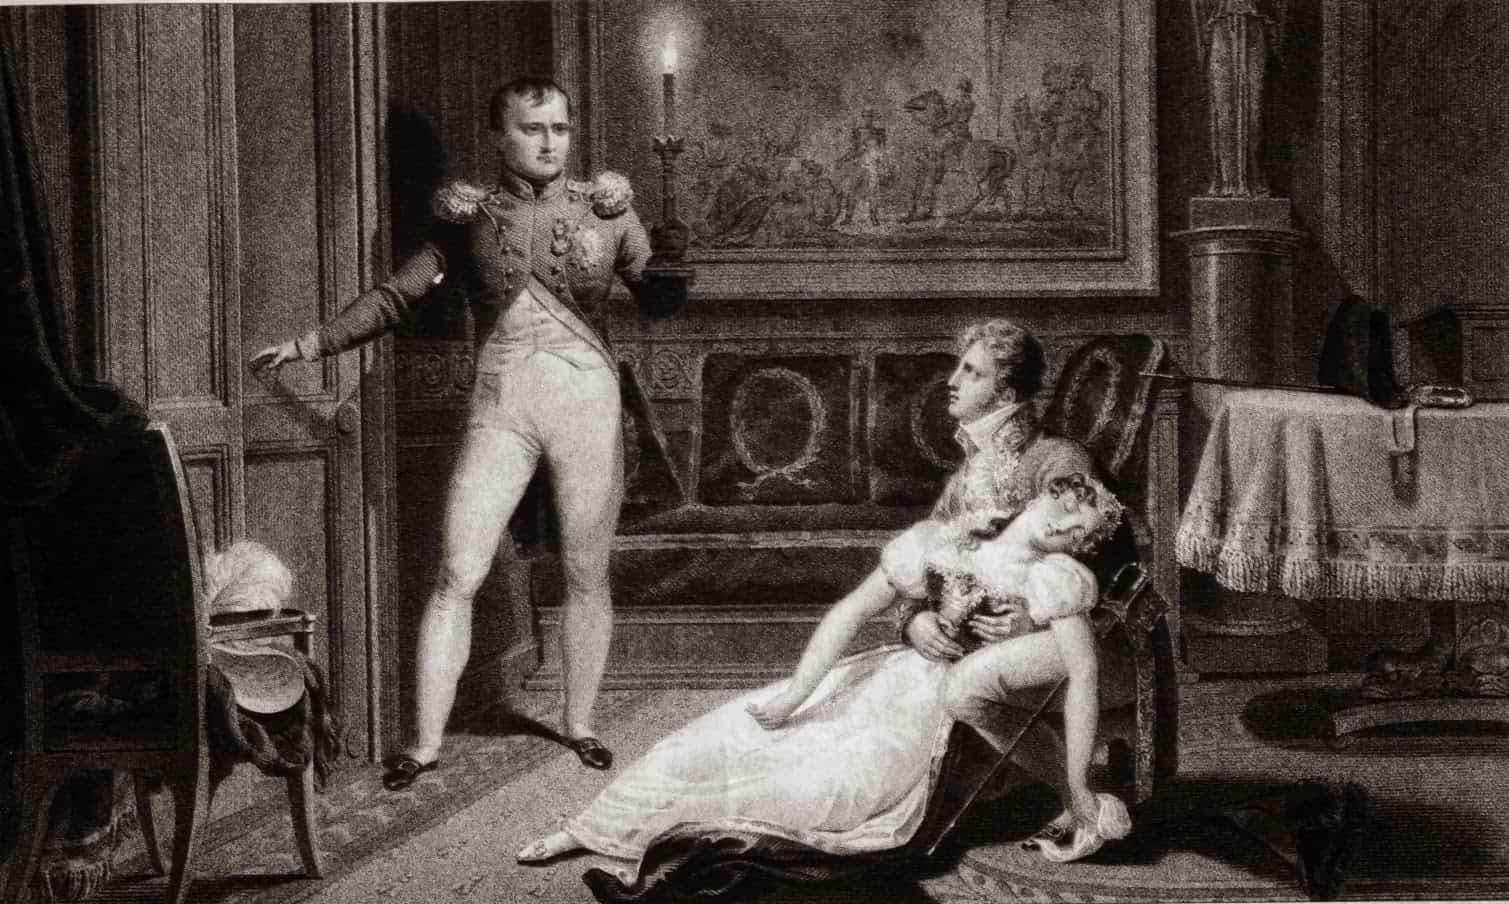 Napoléon informant Joséphine qu'il a décider de divorcer